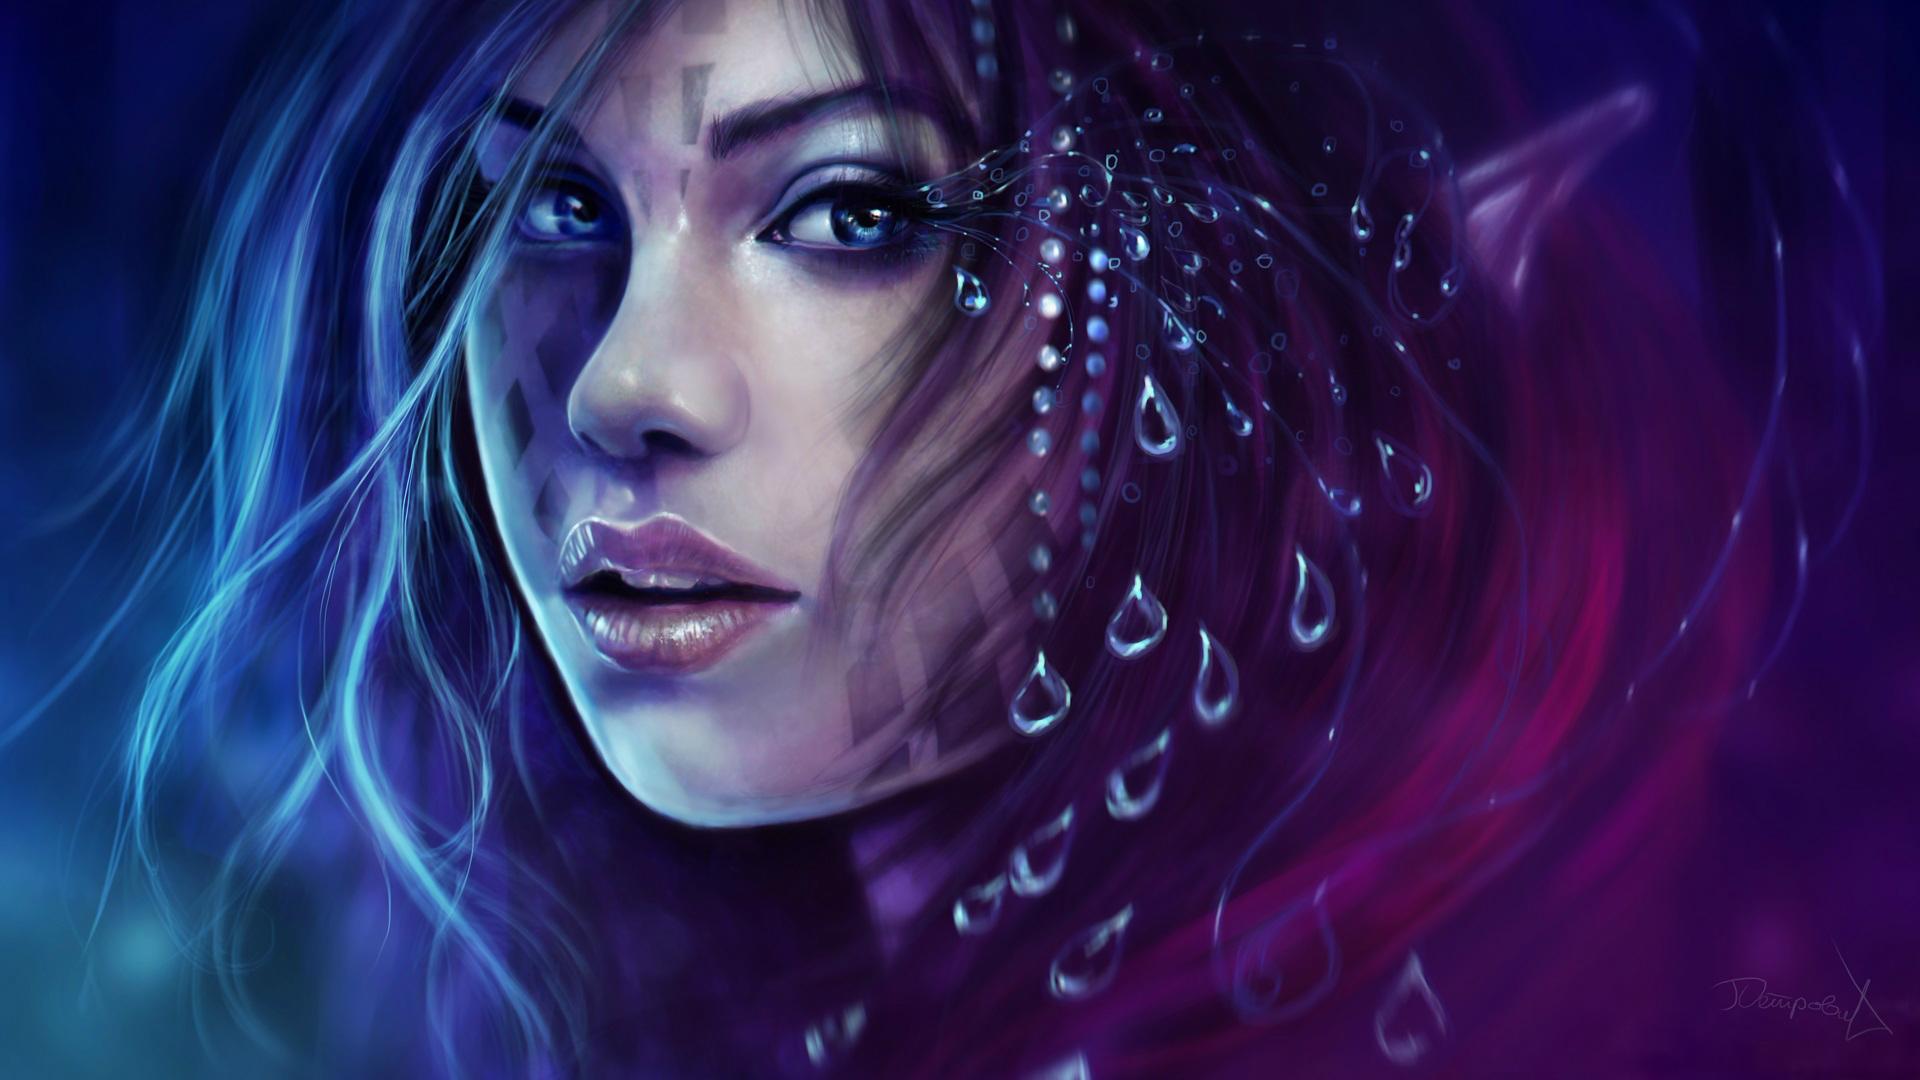 Fantasy Woman Girl Warrior Face 1920x1080